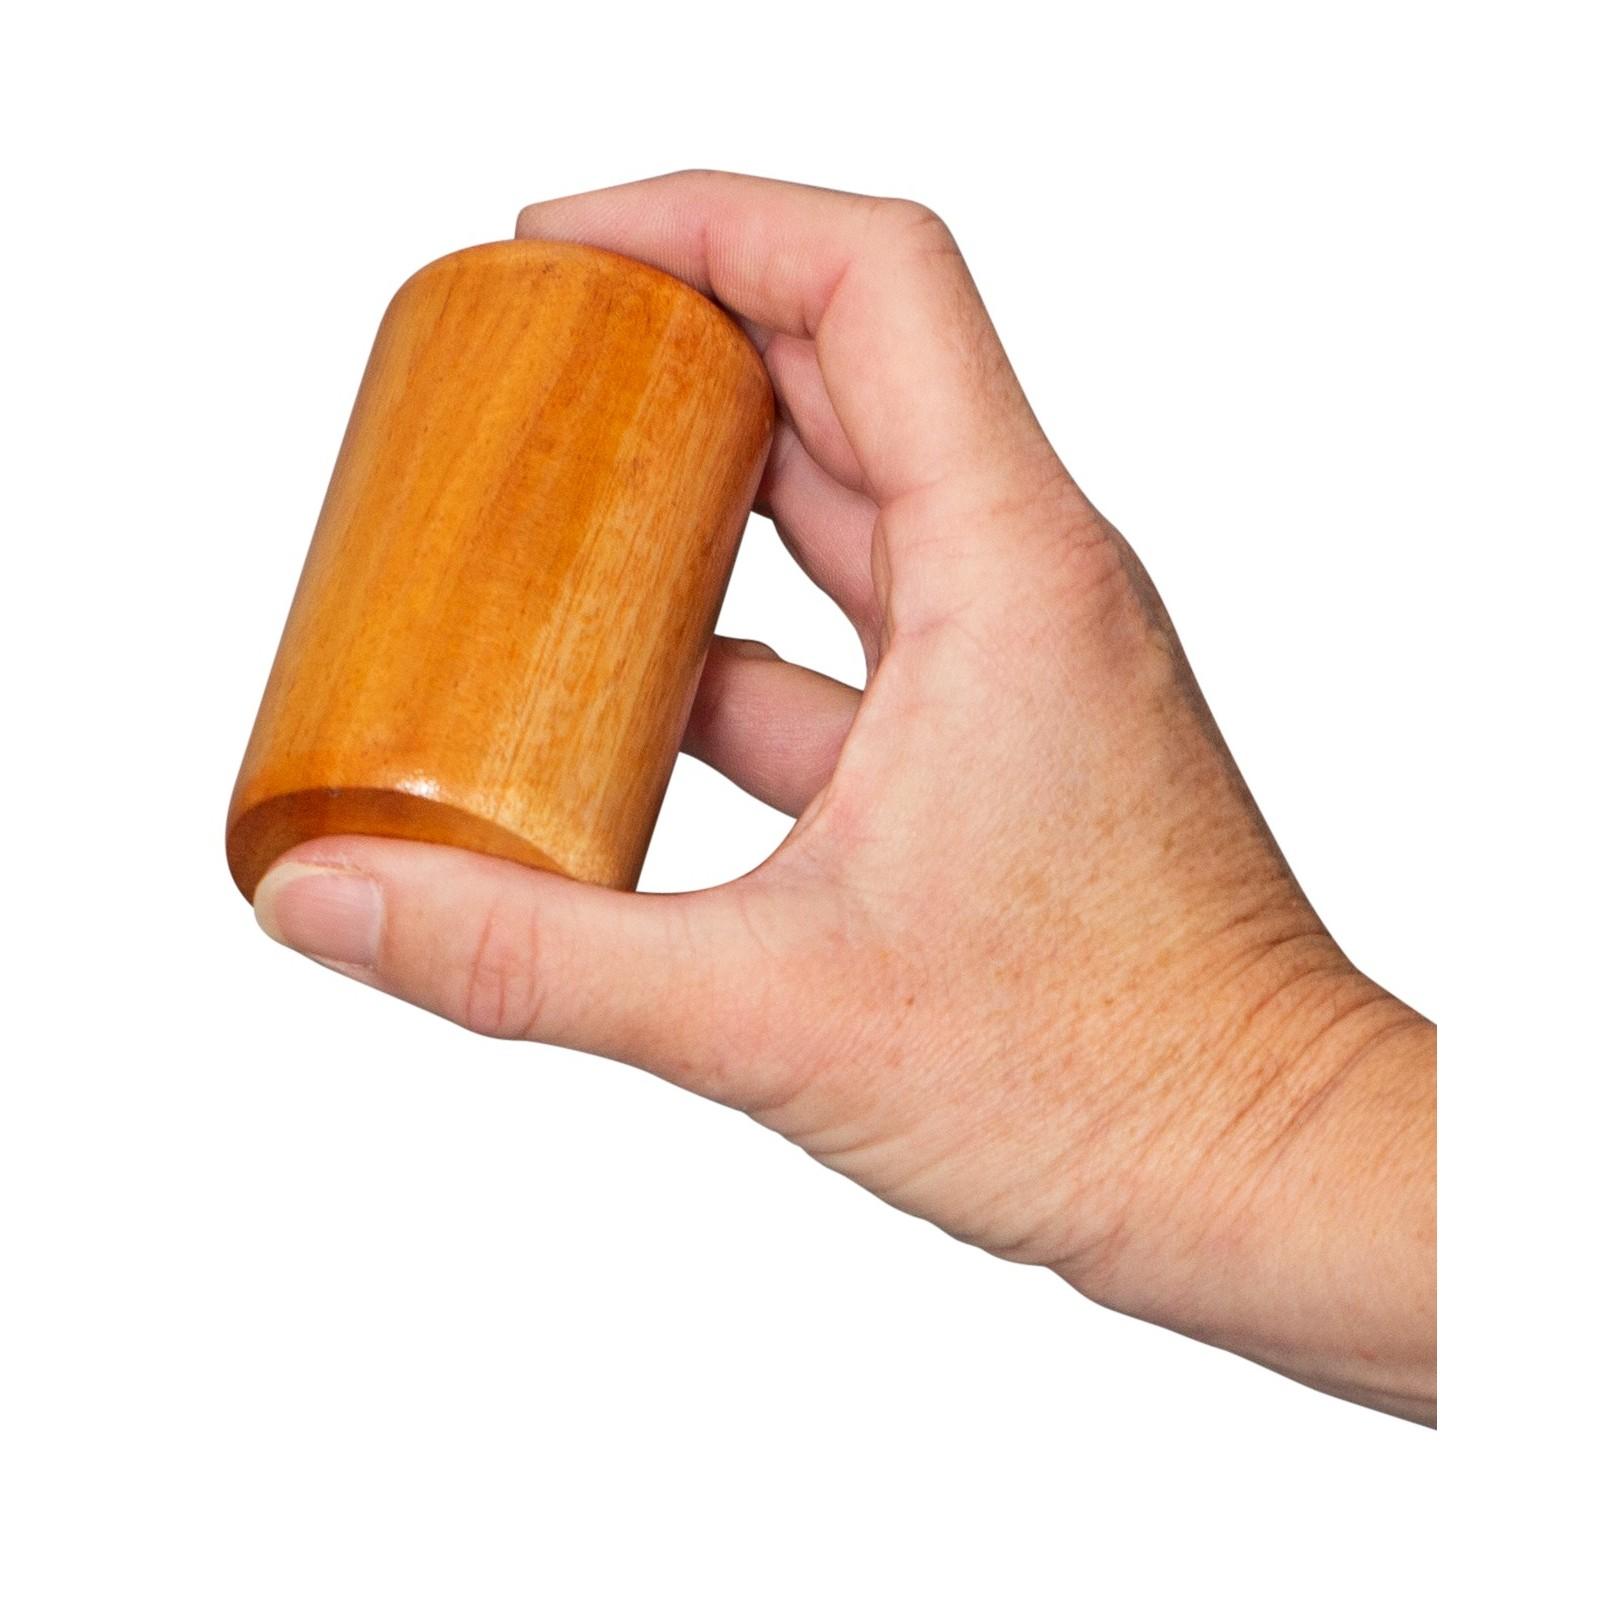 Set shaker in mogano- percussioni manuali - strumento musicale per bambini - leggero - 7.5cm